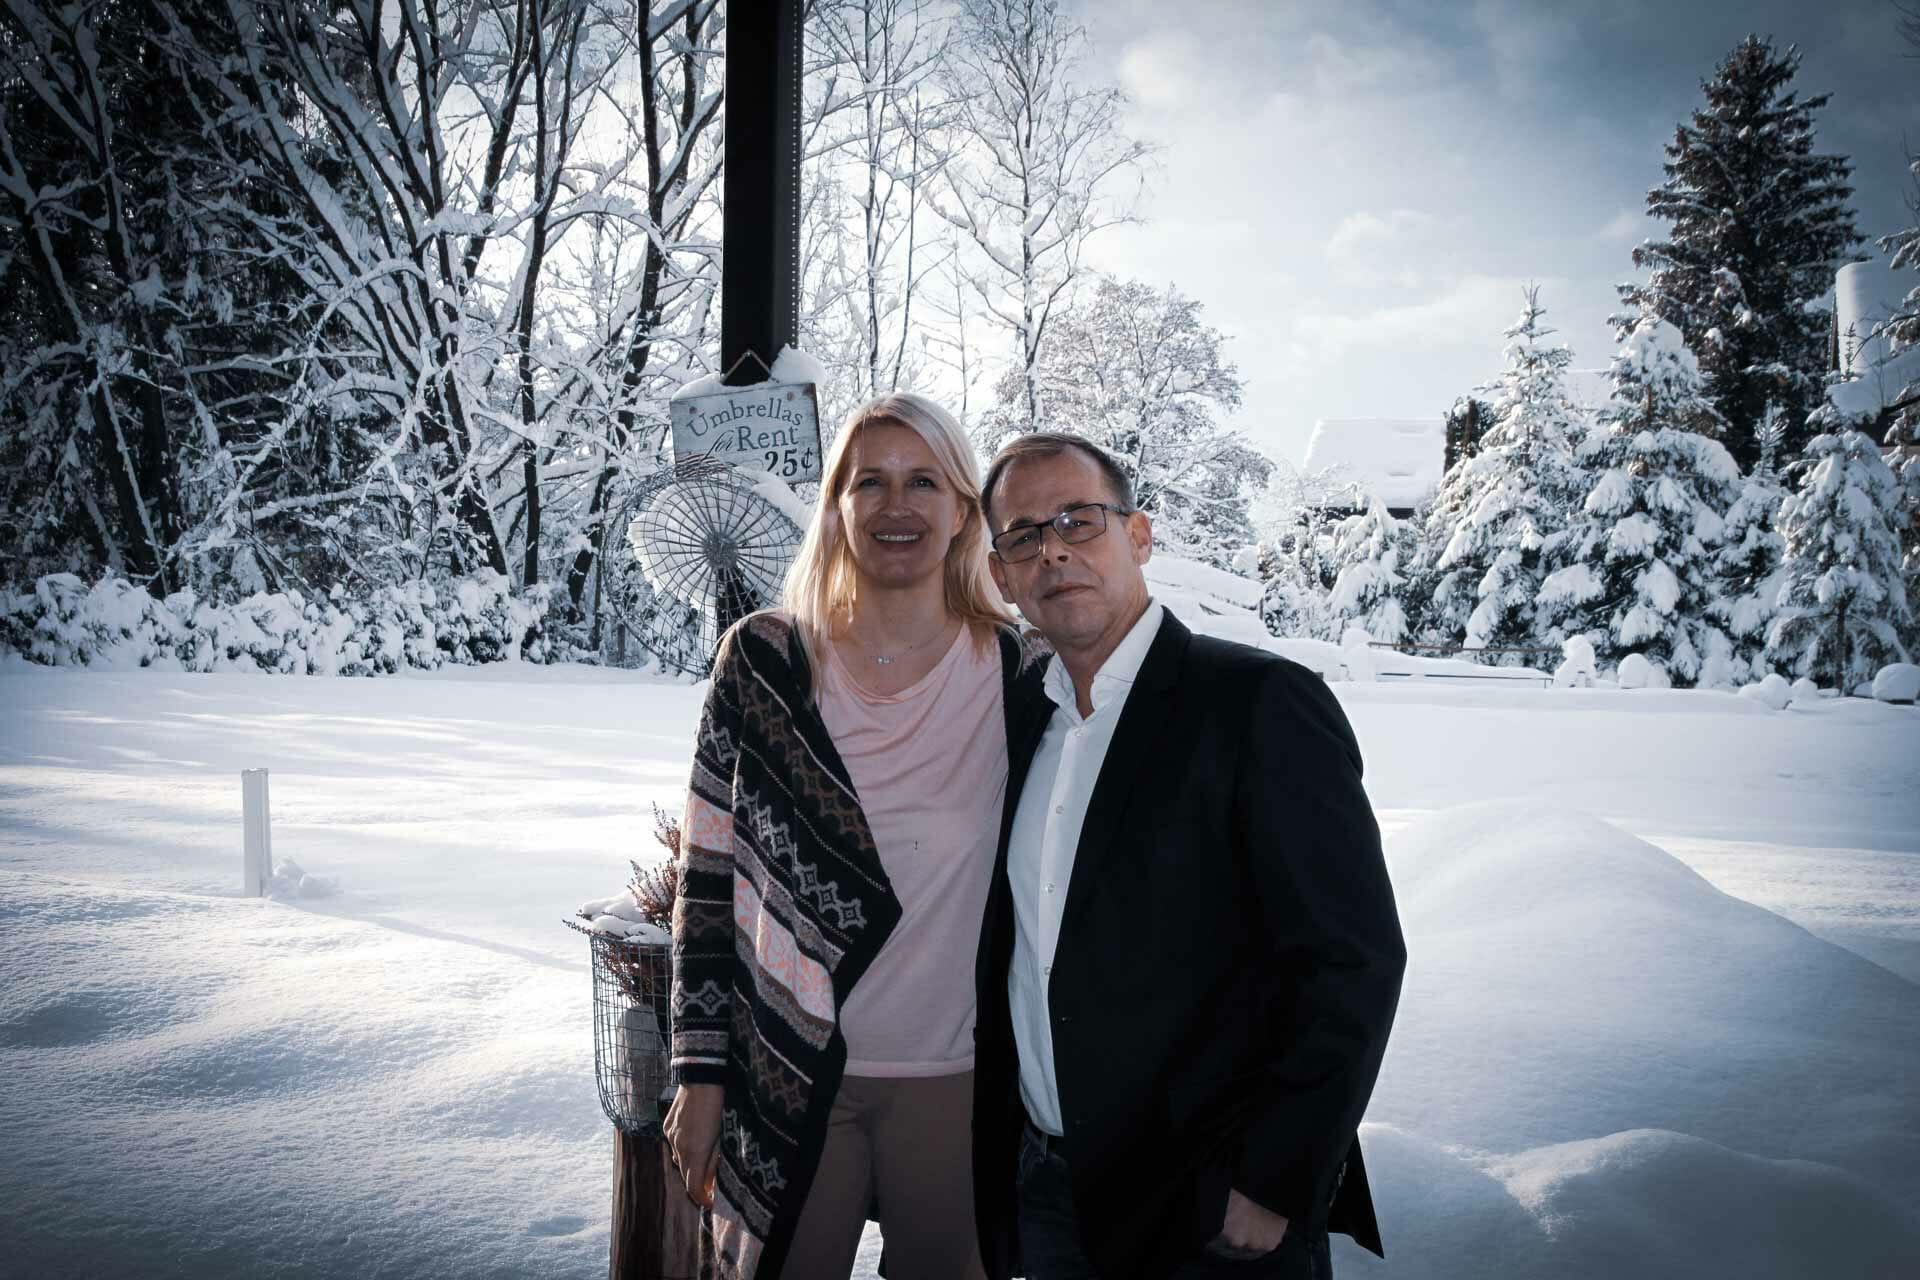 Ö3-Interview mit Claudia Stöckl und Gernot Schweizer